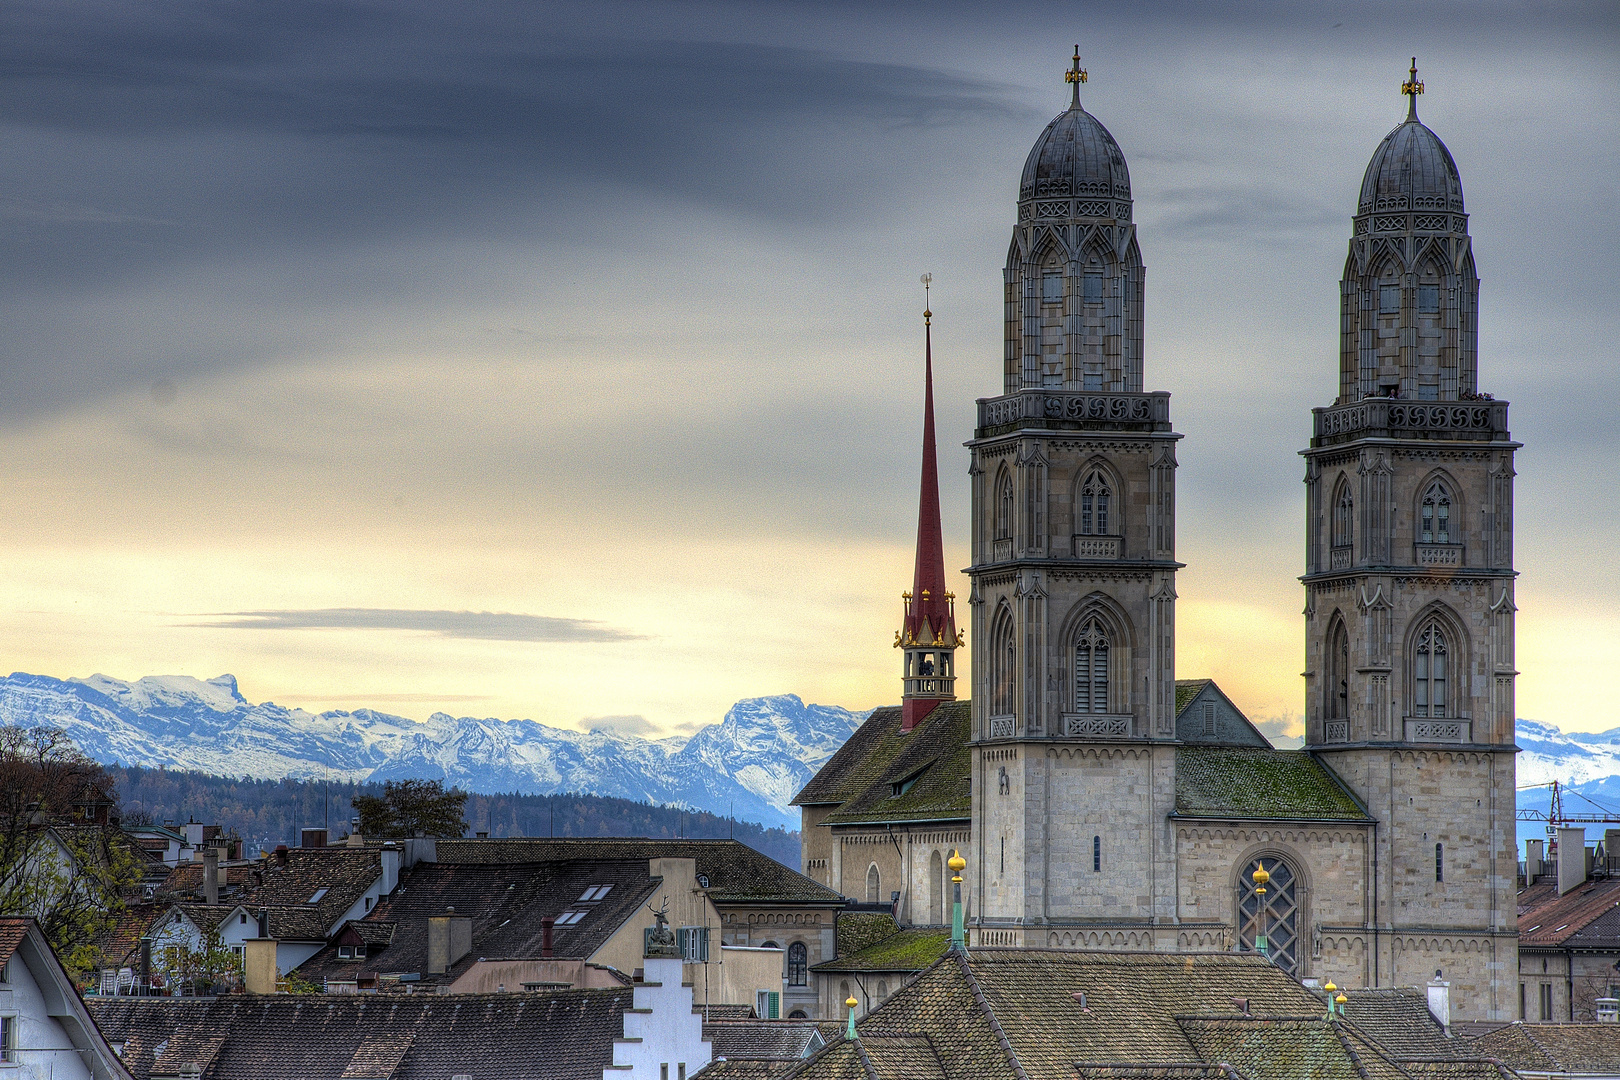 Herzlich willkommen, Stadtverband der reformierten Kirche Zürich